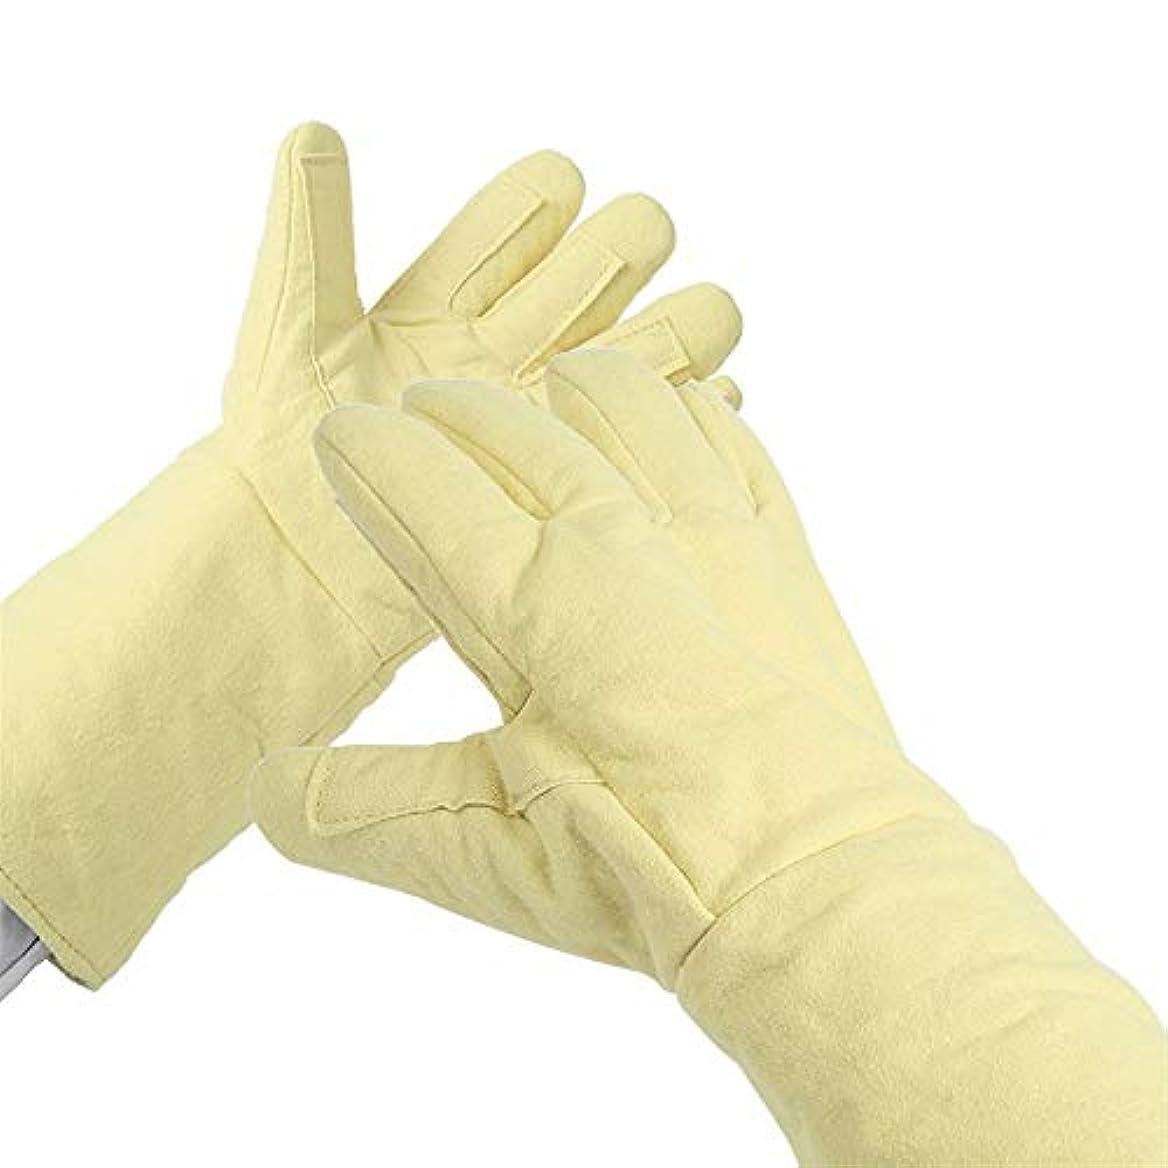 重さ博物館五十MDYJP 高温耐性 手袋 アンチカッティング ハンド 穿刺 保護 産業労働者 耐摩耗性 手袋 (Color : Yellow, Size : L)